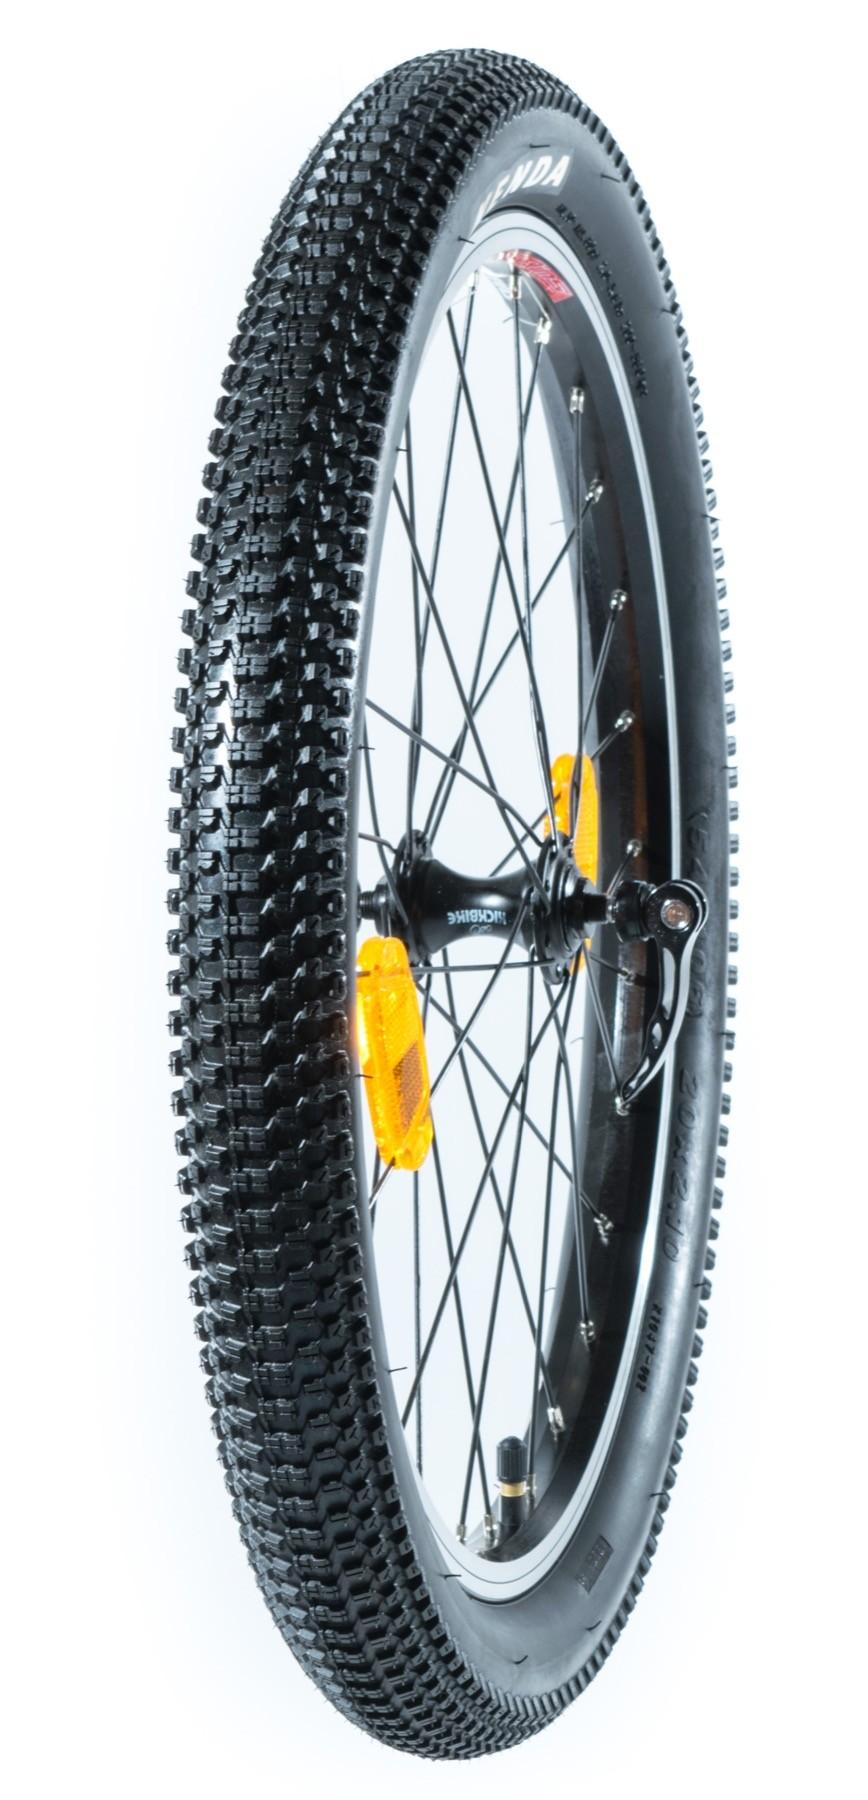 """Takairtopyörä renkaineen 20"""" (Cross MAX 20V)"""